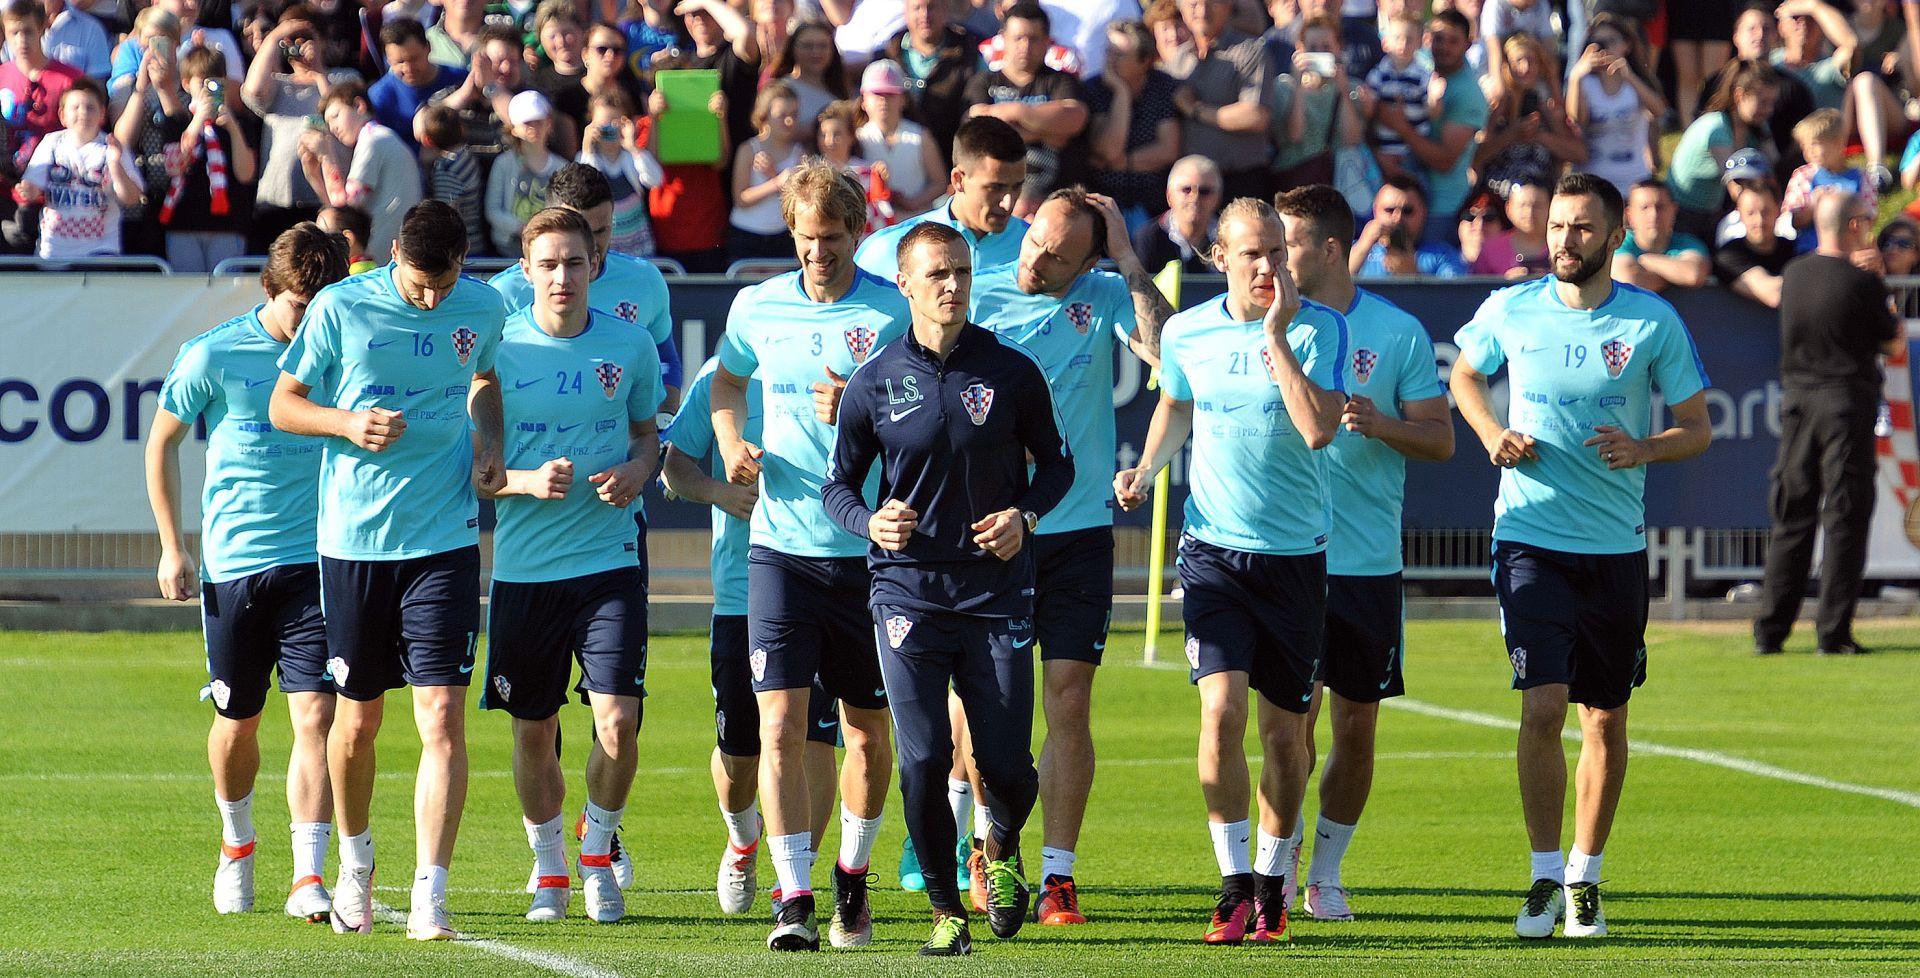 FIFA LJESTVICA Bez promjena na vrhu, Hrvatska pala za dva mjesta